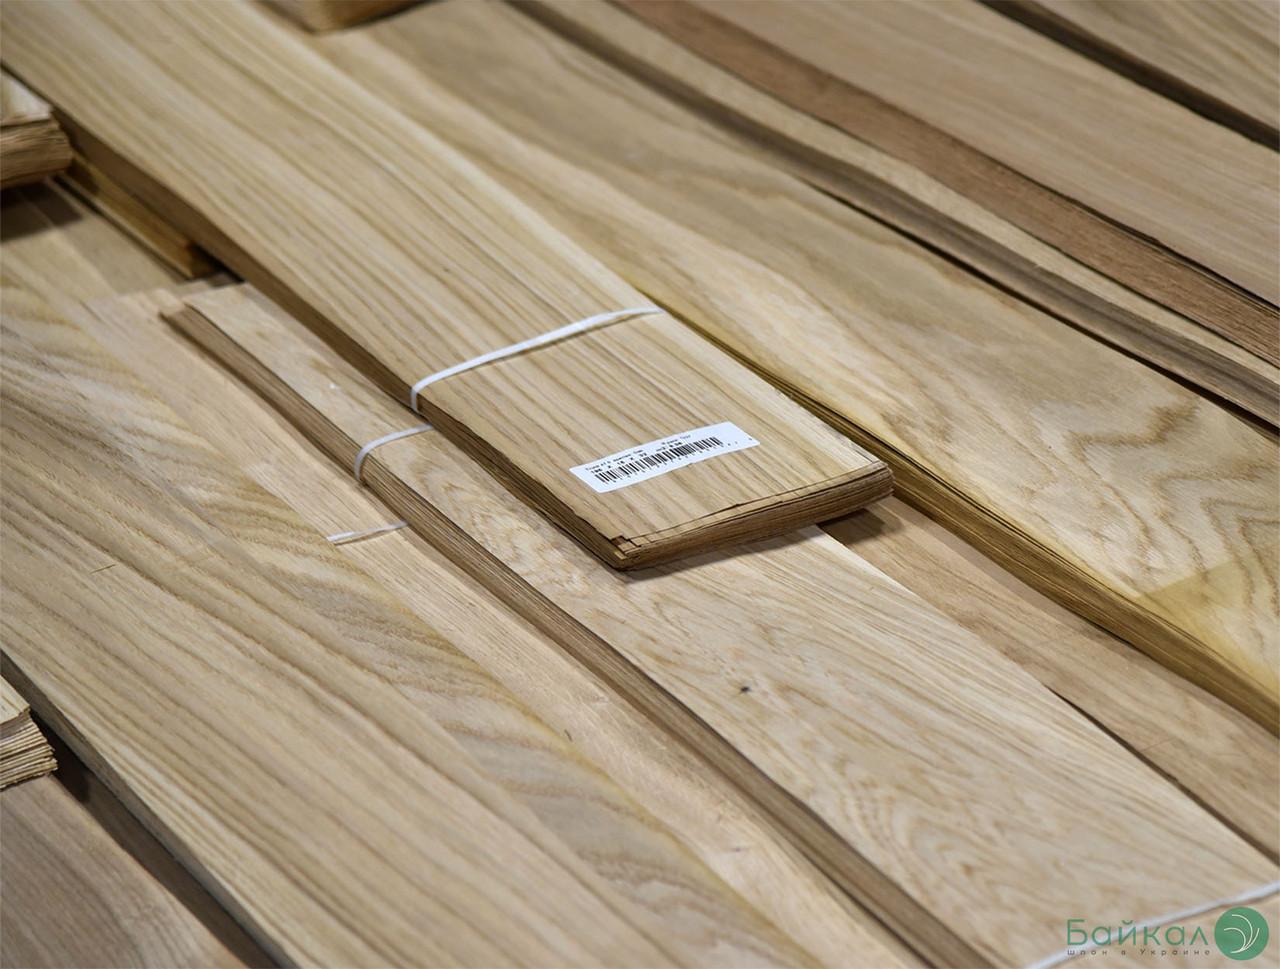 Шпон Дуба - 1,5 мм длина от 0,80 - 2,05 м / ширина от 10 см (I сорт)